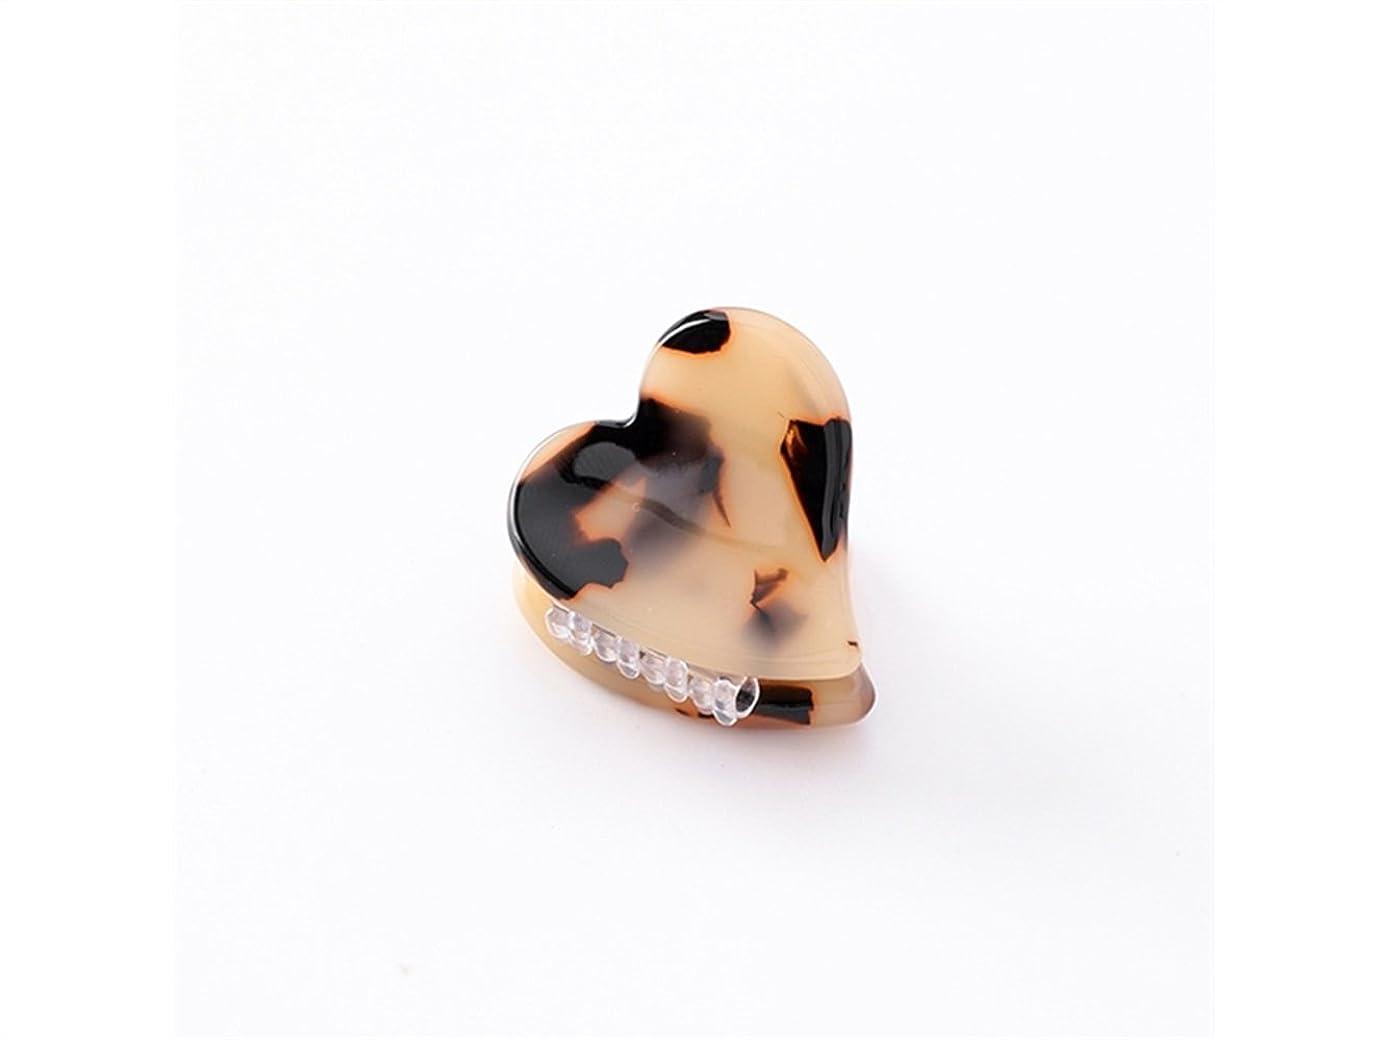 しないギャロップ派手Osize 美しいスタイル ラブハート型のマーブルプリントミニ爪クリップミニ顎クリップ(ヒョウプリント)